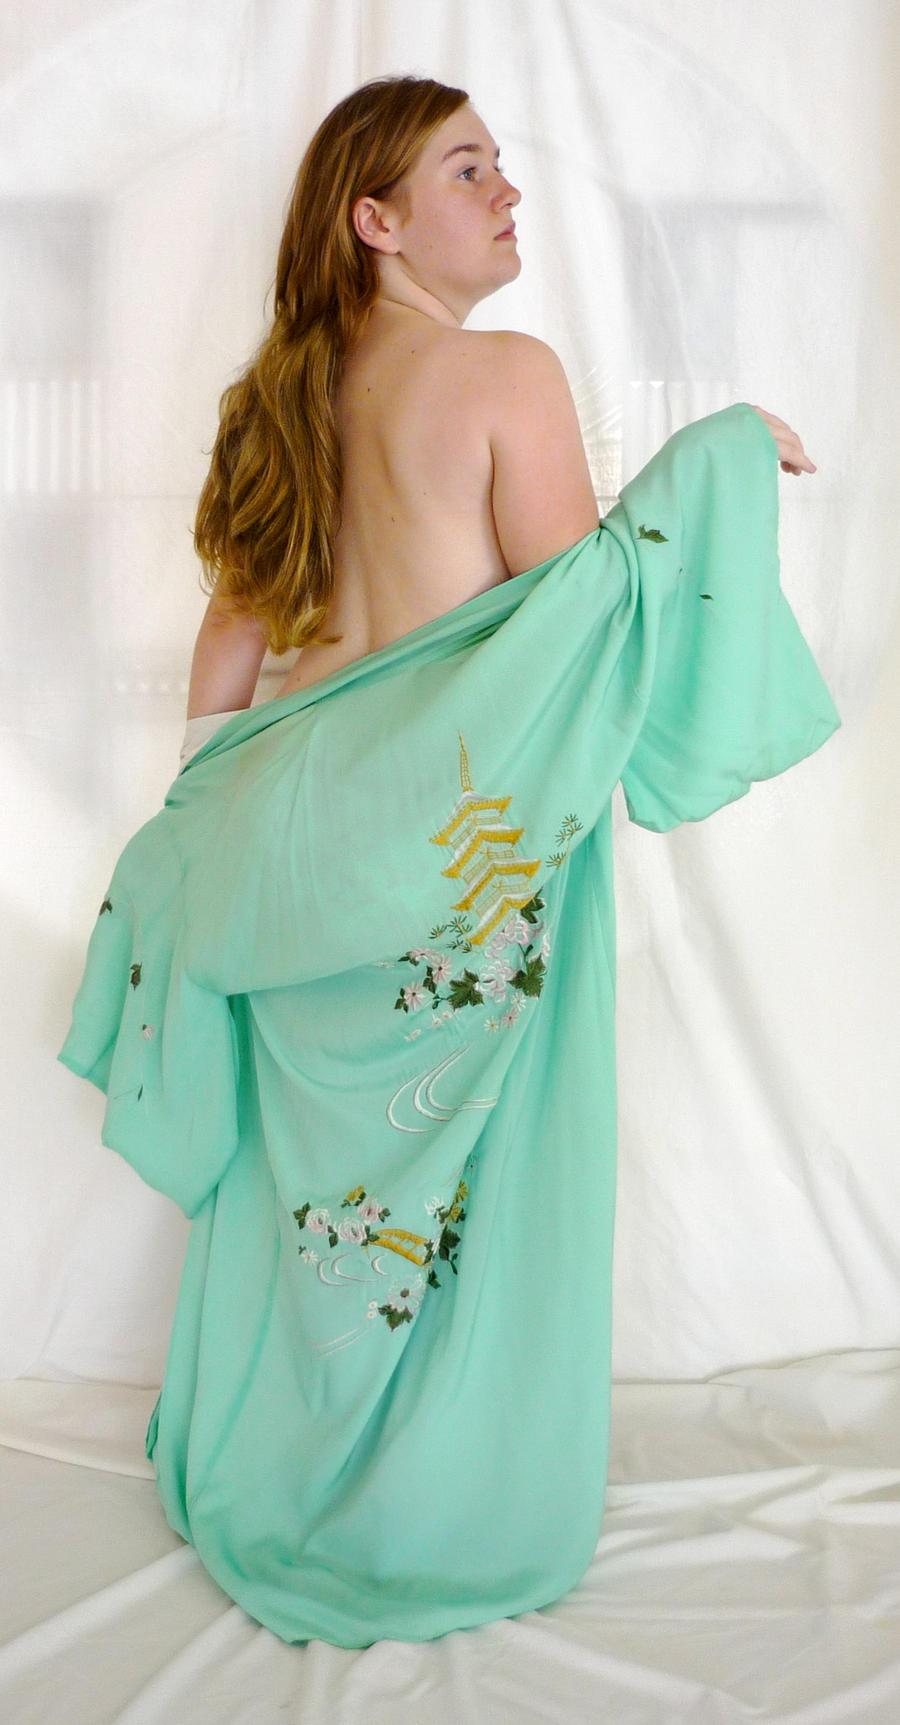 Kimono 1 by kirilee